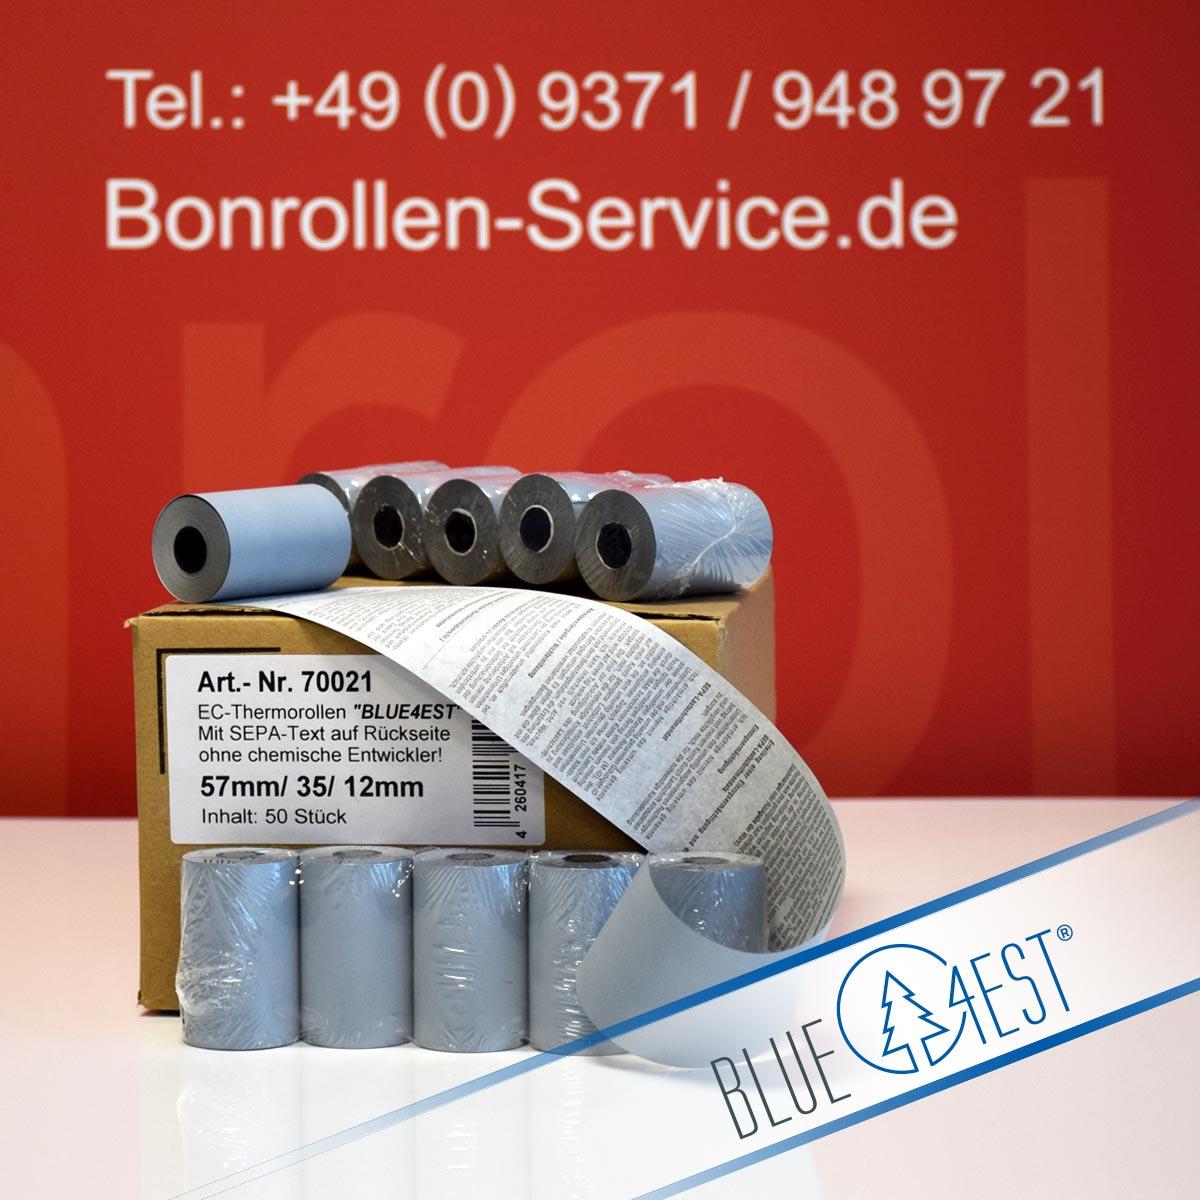 Umweltfreundliche EC-Thermorollen Blue4est 57 / 14m / 12 mit SEPA-Text, blau